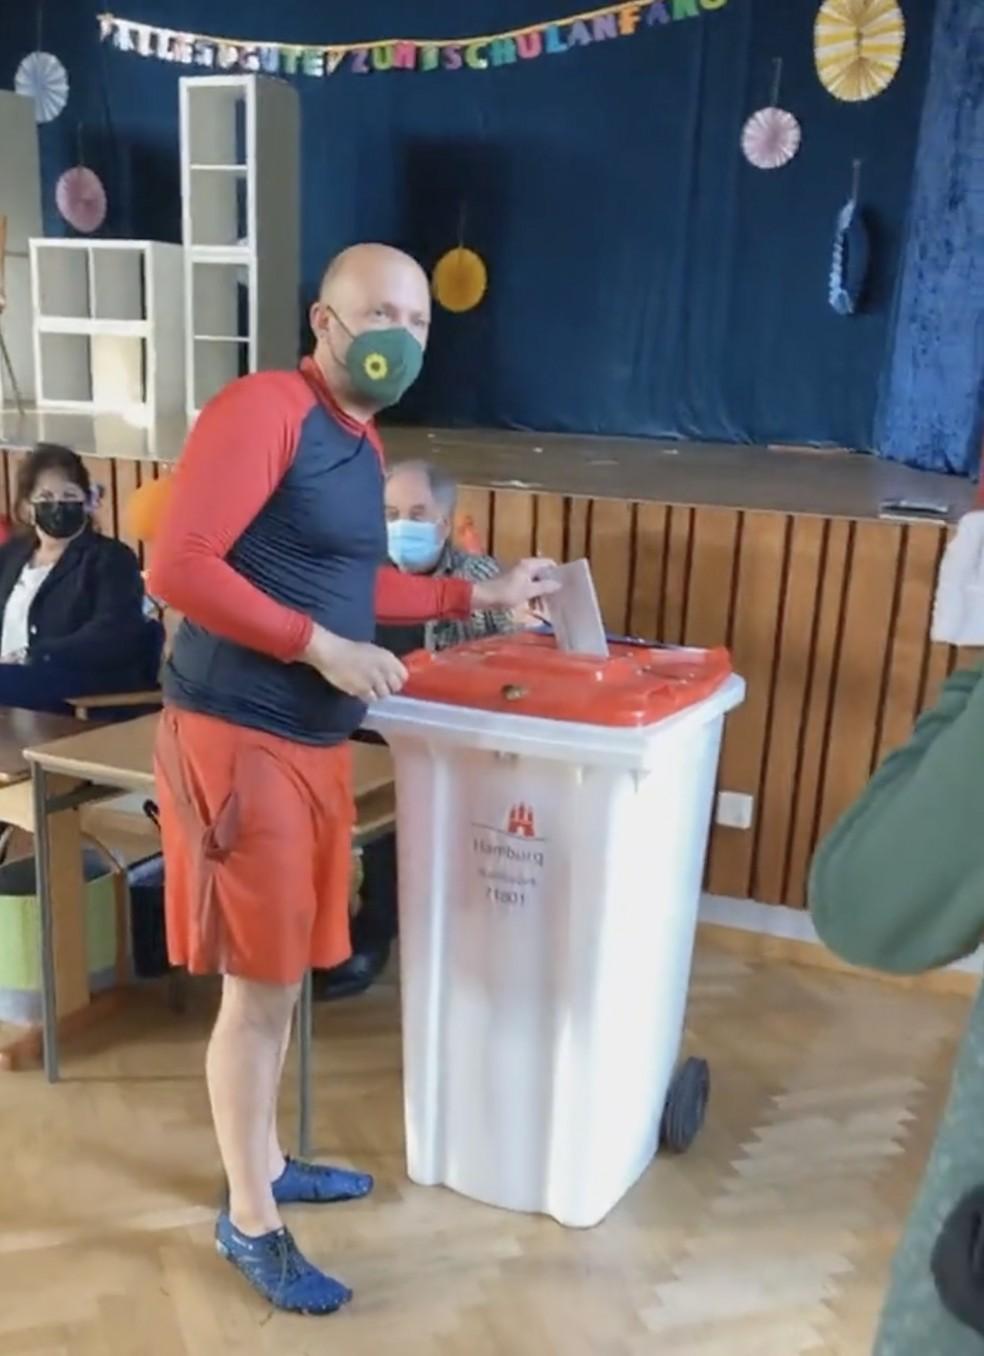 O parlamentar Manuel Sarrazin, dos Verdes, foi nadando até o local de votação em Hamburgo, no norte da Alemanha, neste domingo (26), e votou usando uma roupa de banho vermelha, como havia prometido se 500 euros fossem doados para presos políticos em Belarus. — Foto: Reprodução/Instagram Manuel Sarrazin